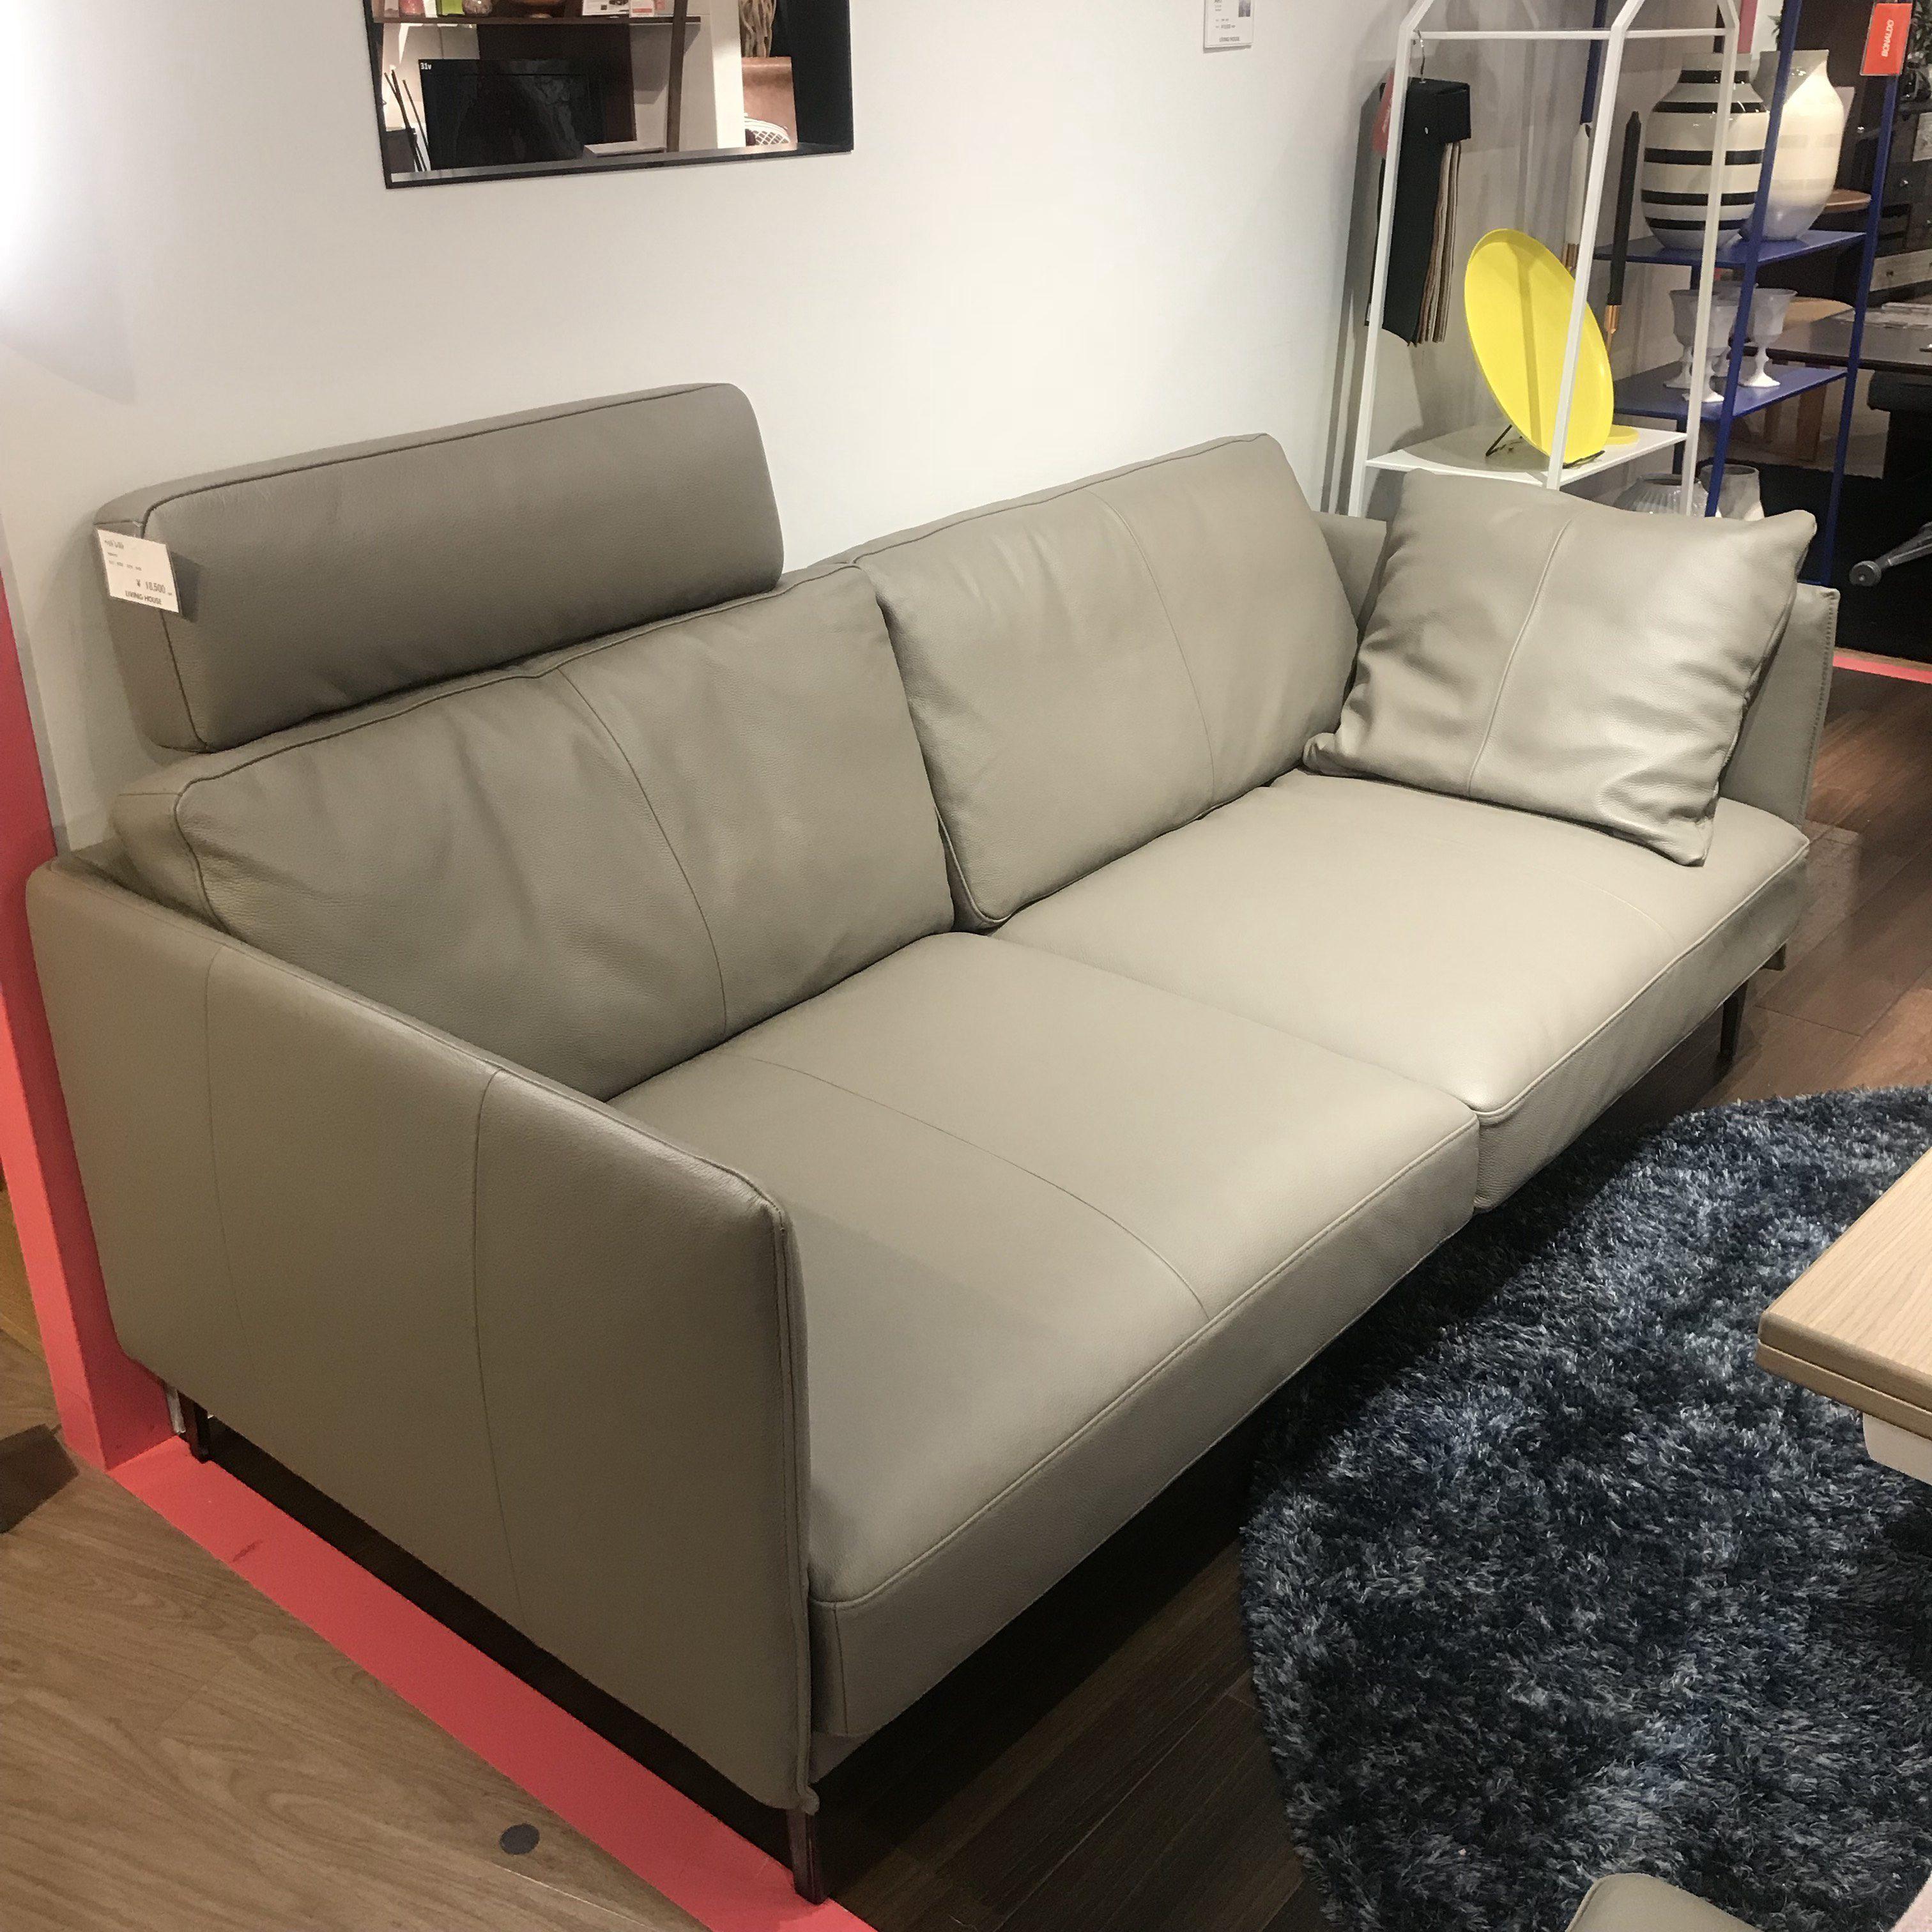 新色のグレーレザーソファが入荷しました☆ | おしゃれな家具なら